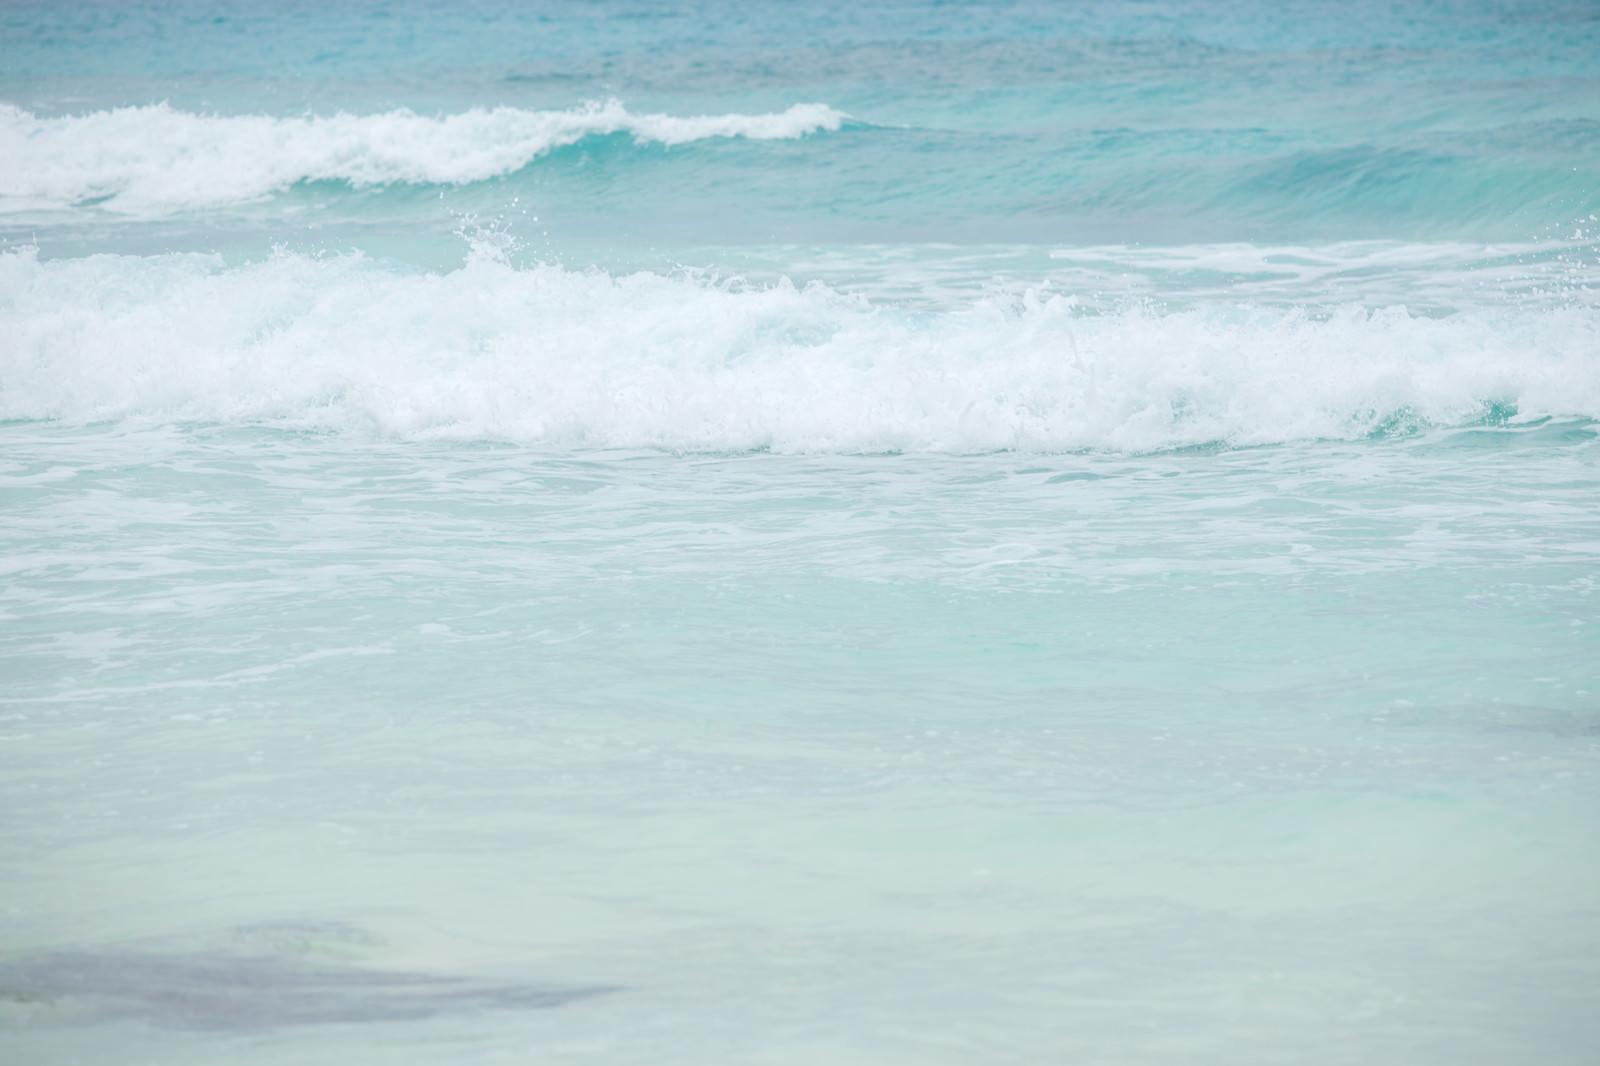 「宮古島の海と波」の写真